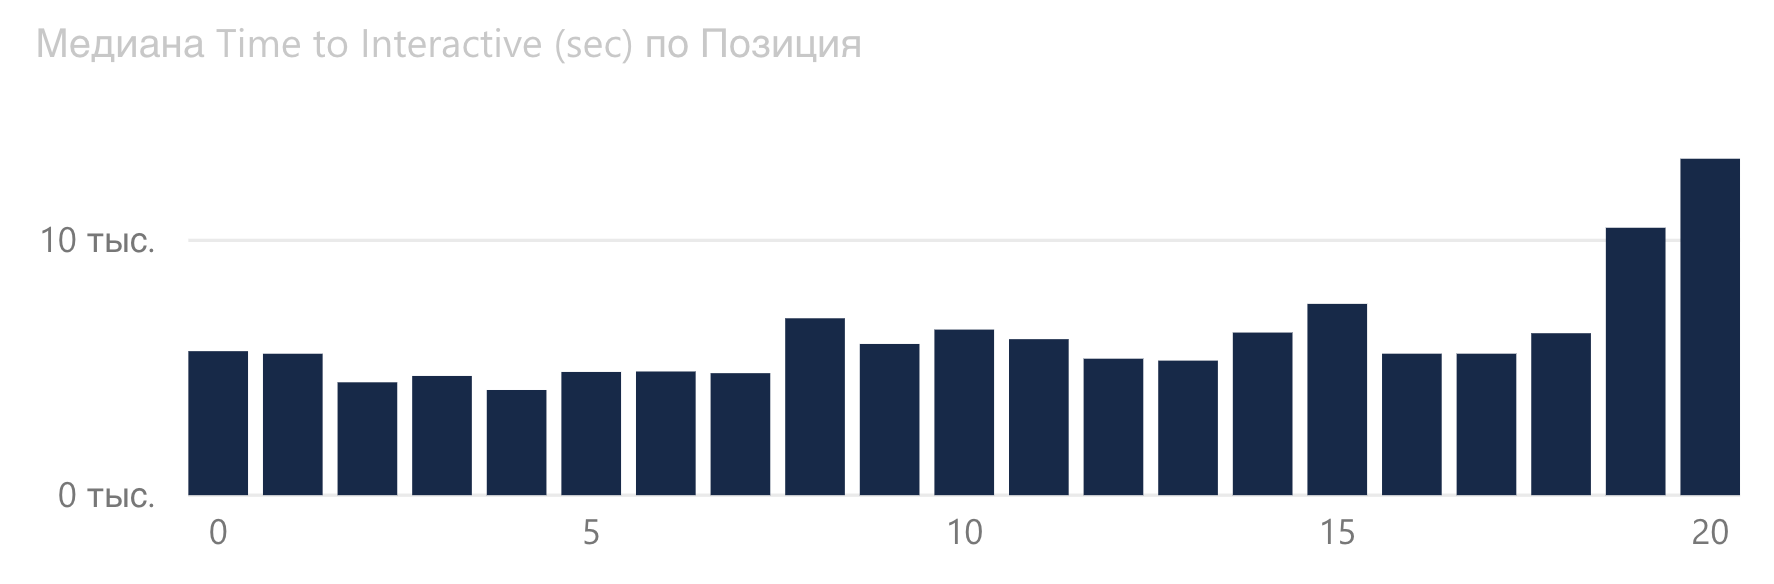 График зависимости Time to Interactive от позиции Google в автомобильной сфере.